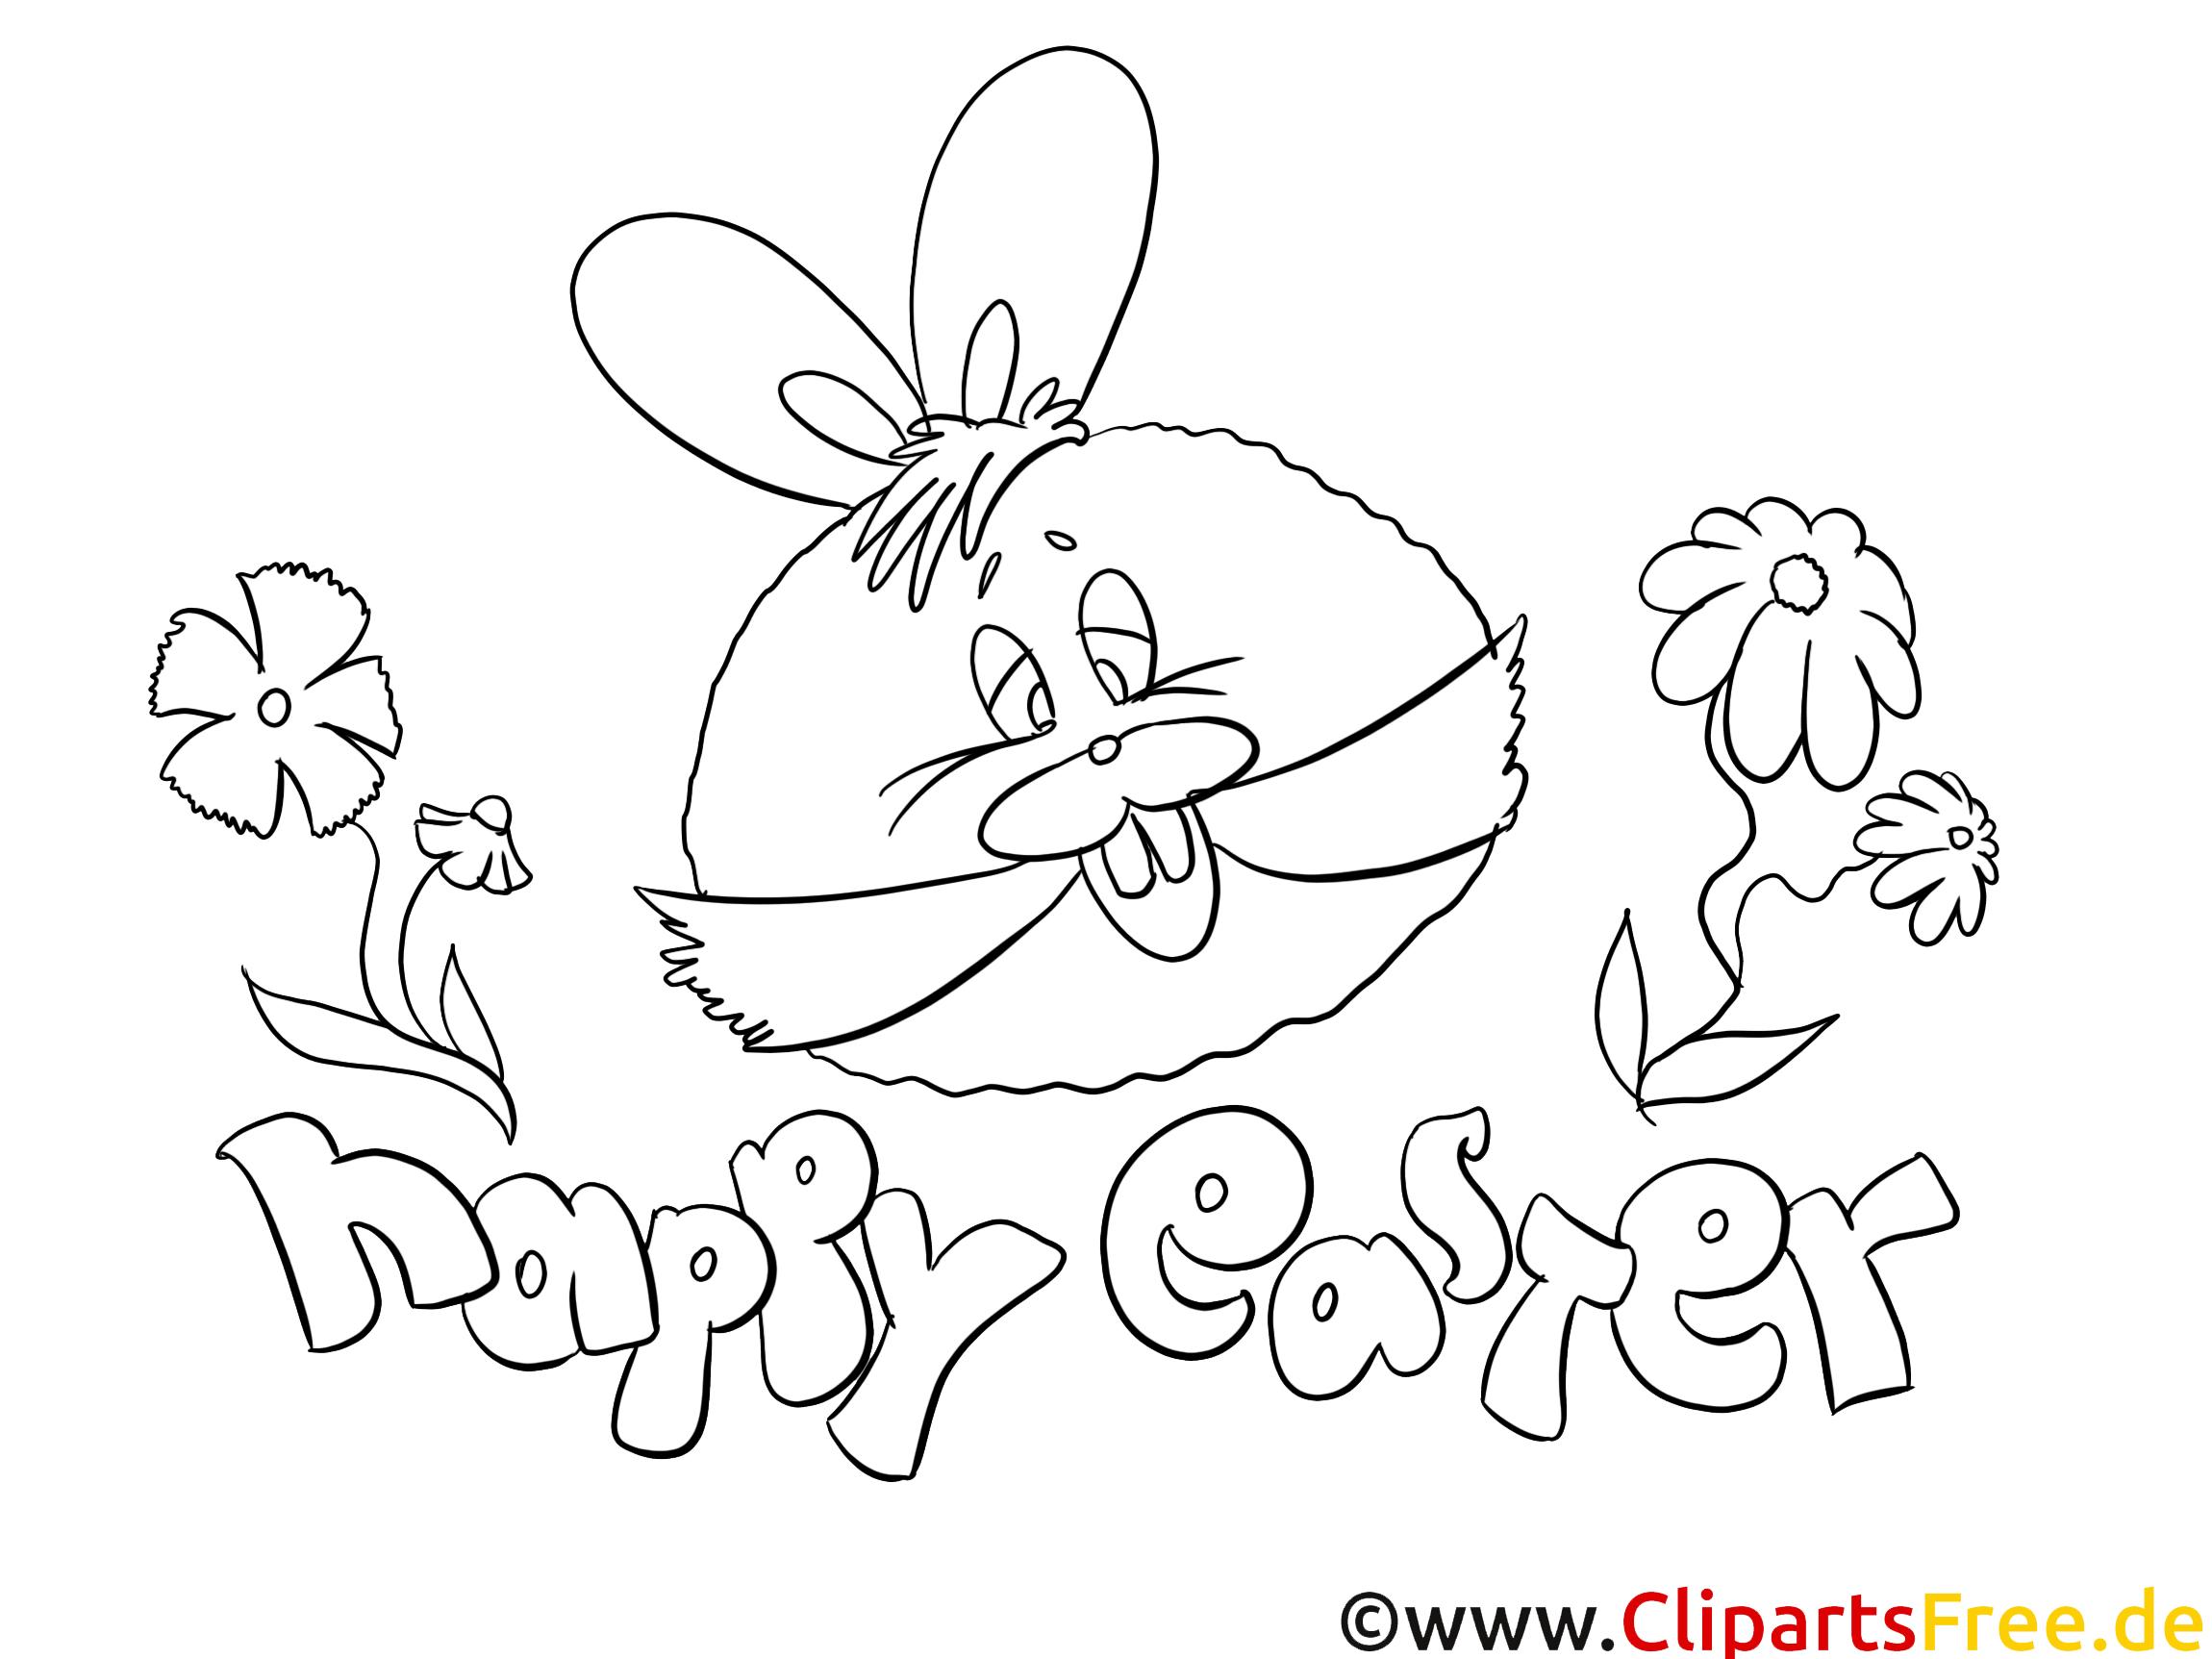 Dessins Gratuits Lapin Pâques à Colorier Pâques